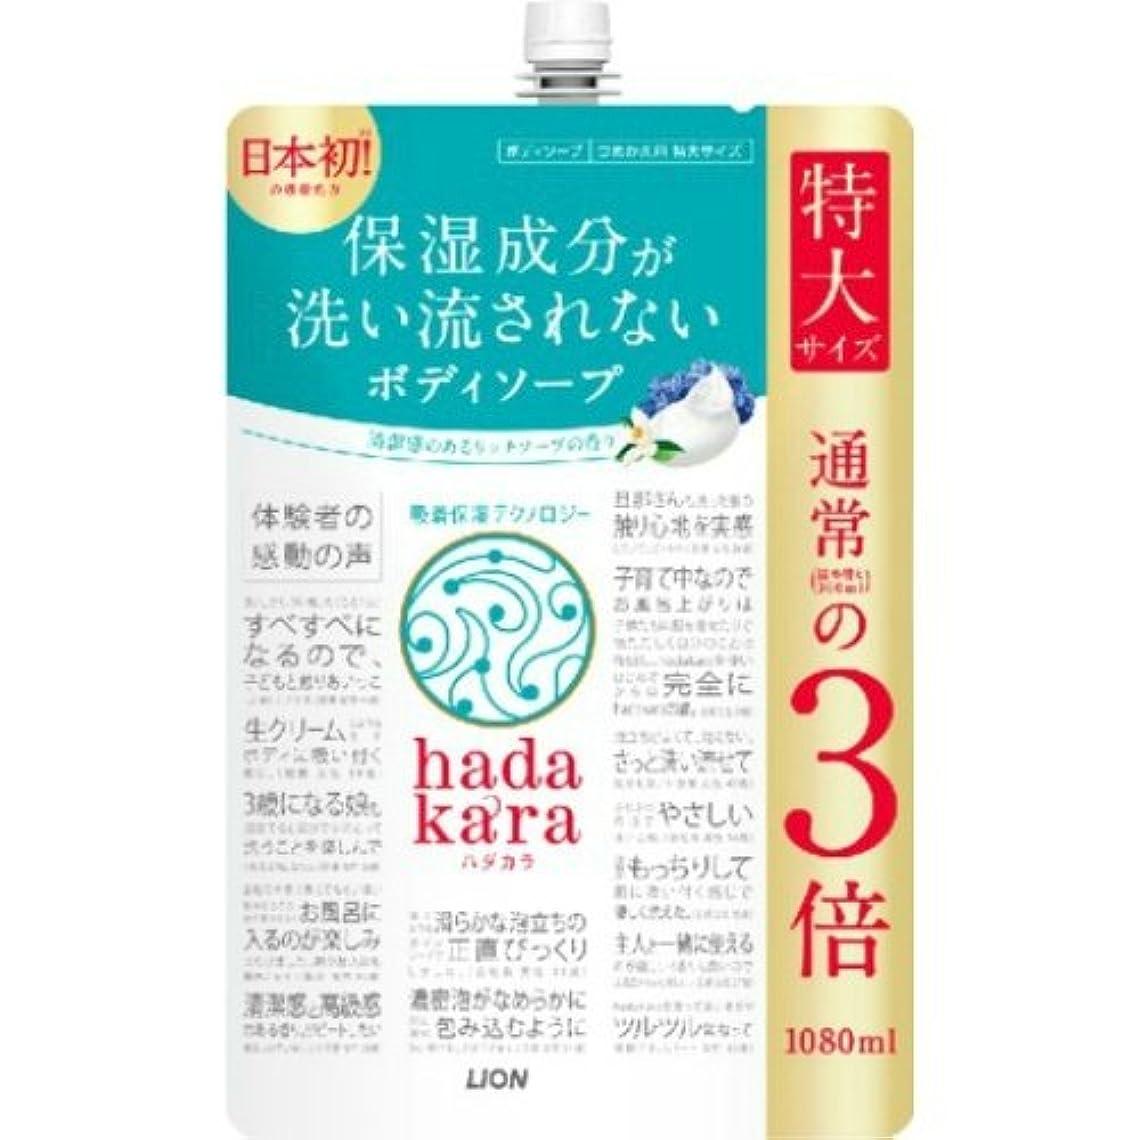 賄賂ラッカスベットLION ライオン hadakara ハダカラ ボディソープ リッチソープの香り つめかえ用 特大サイズ 1080ml ×3点セット(4903301260882)